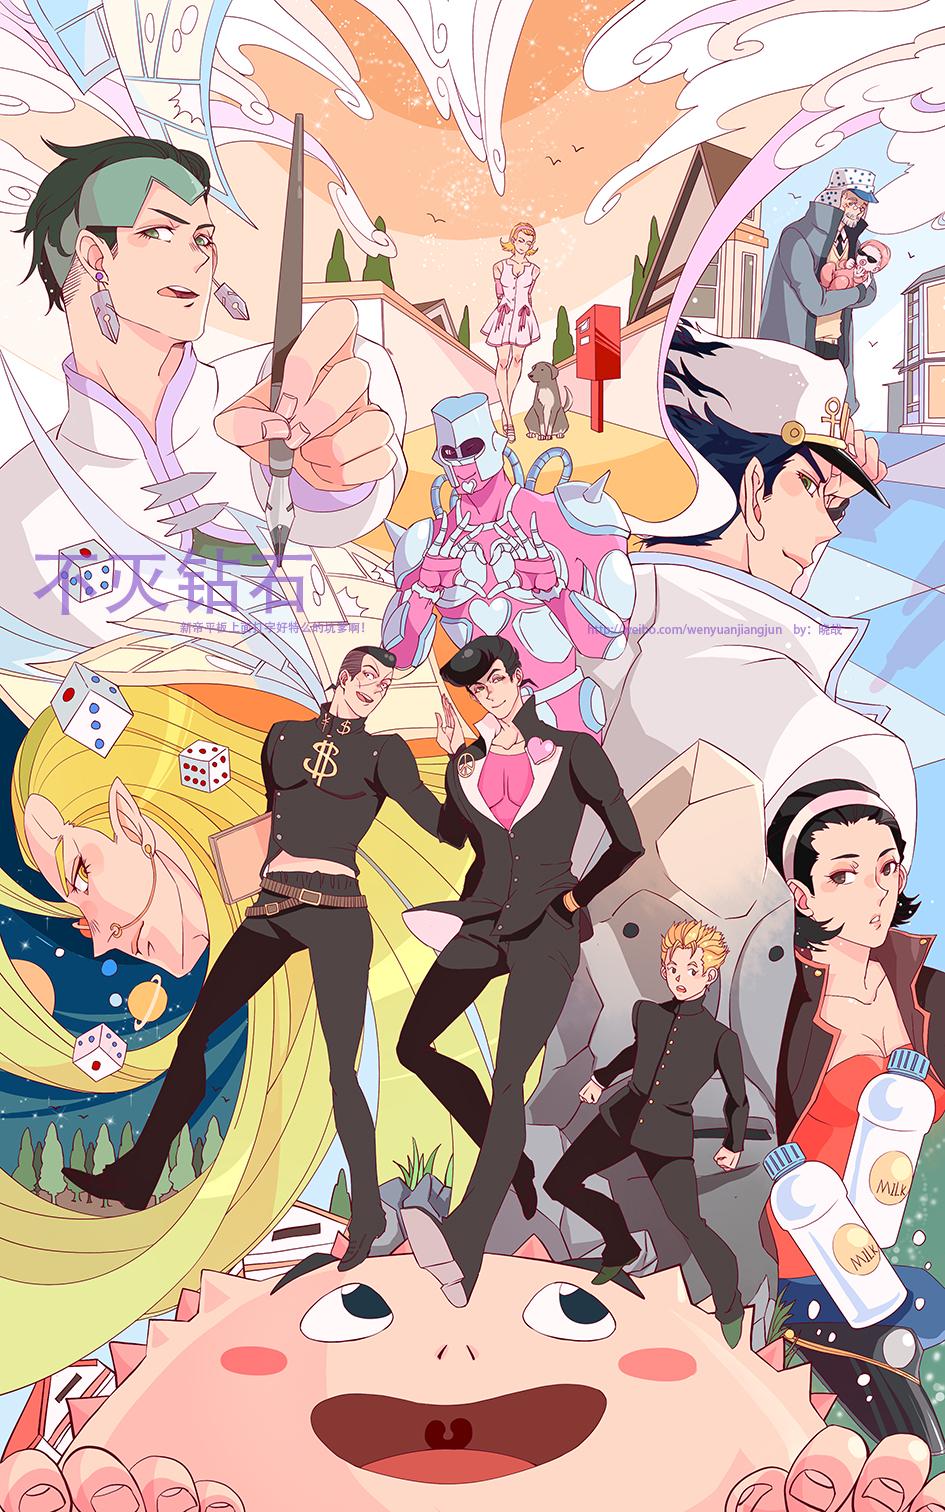 arnold_(jojo) crazy_diamond dice dog hazekura_mikitaka higashikata_jousuke higashikata_tomoko highres hirose_kouichi jojo_no_kimyou_na_bouken joseph_joestar kishibe_rohan kuujou_joutarou milk nijimura_okuyasu shizuka_joestar stand_(jojo) sugimoto_reimi xiaozhan yamagishi_yukako yangu_shigekiyo